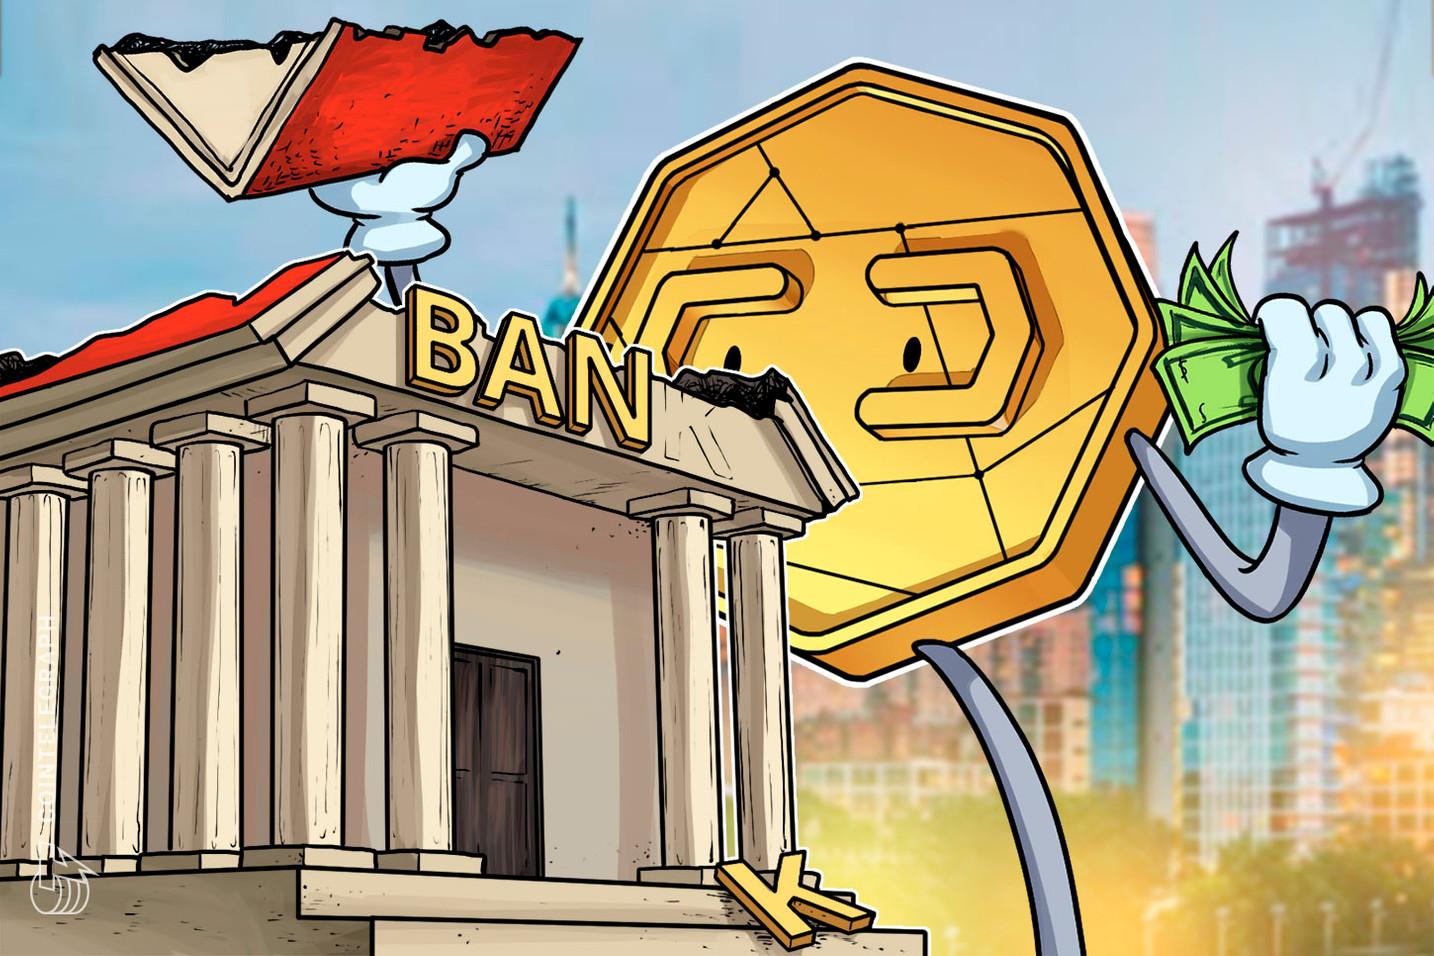 Moedas digitais apoiadas pelo estado podem ameaçar sistemas financeiros, segundo Relatório